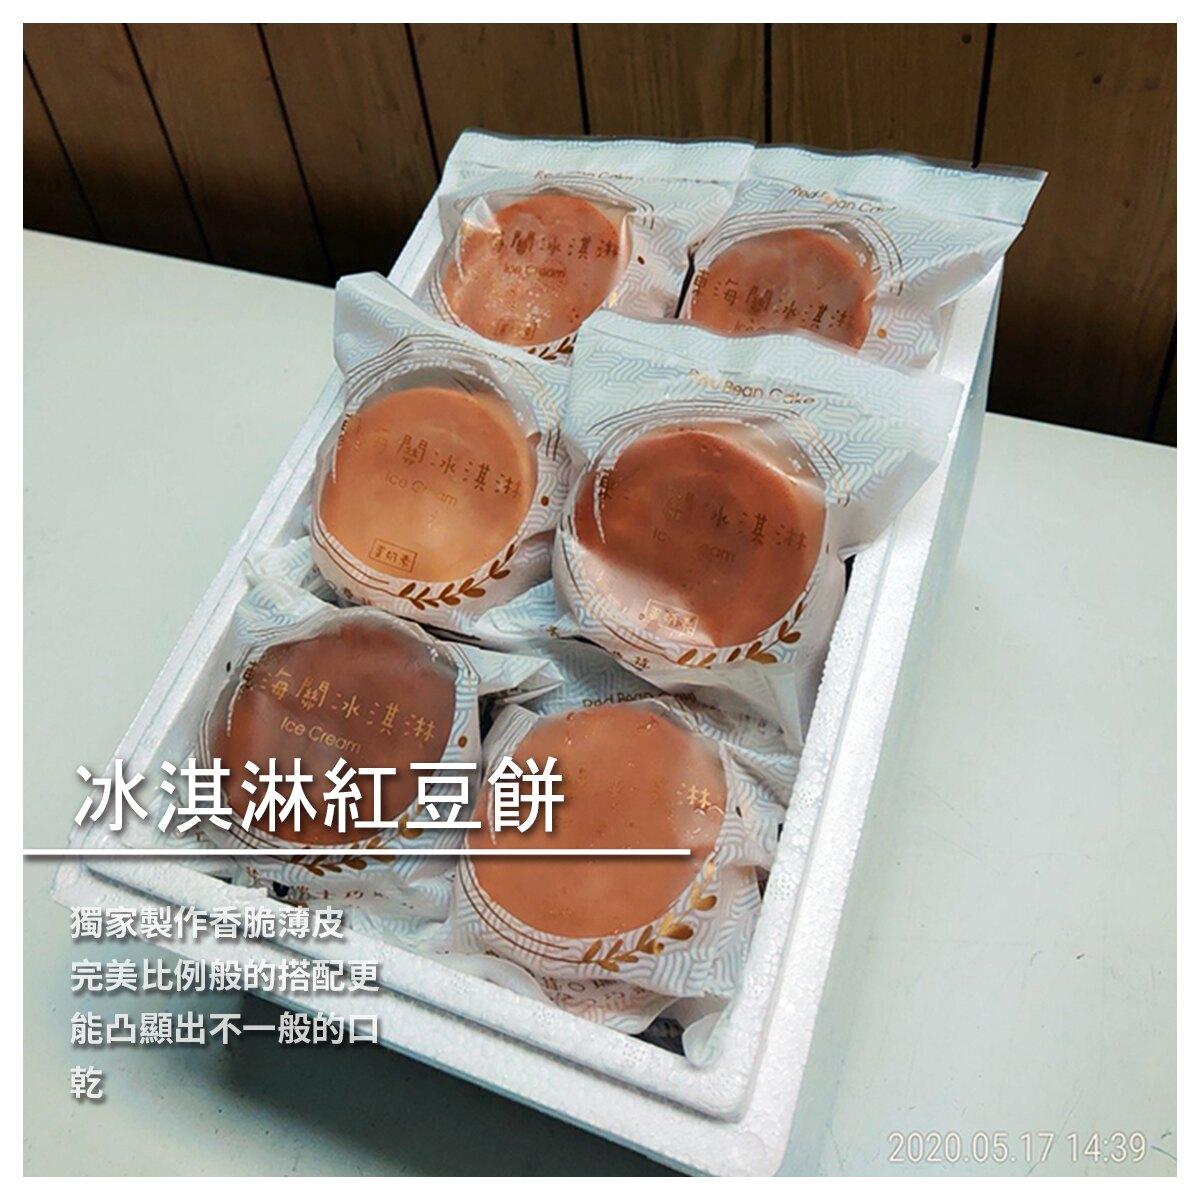 【東海關冰餅】客製化冰淇淋紅豆餅/18入/口味混搭